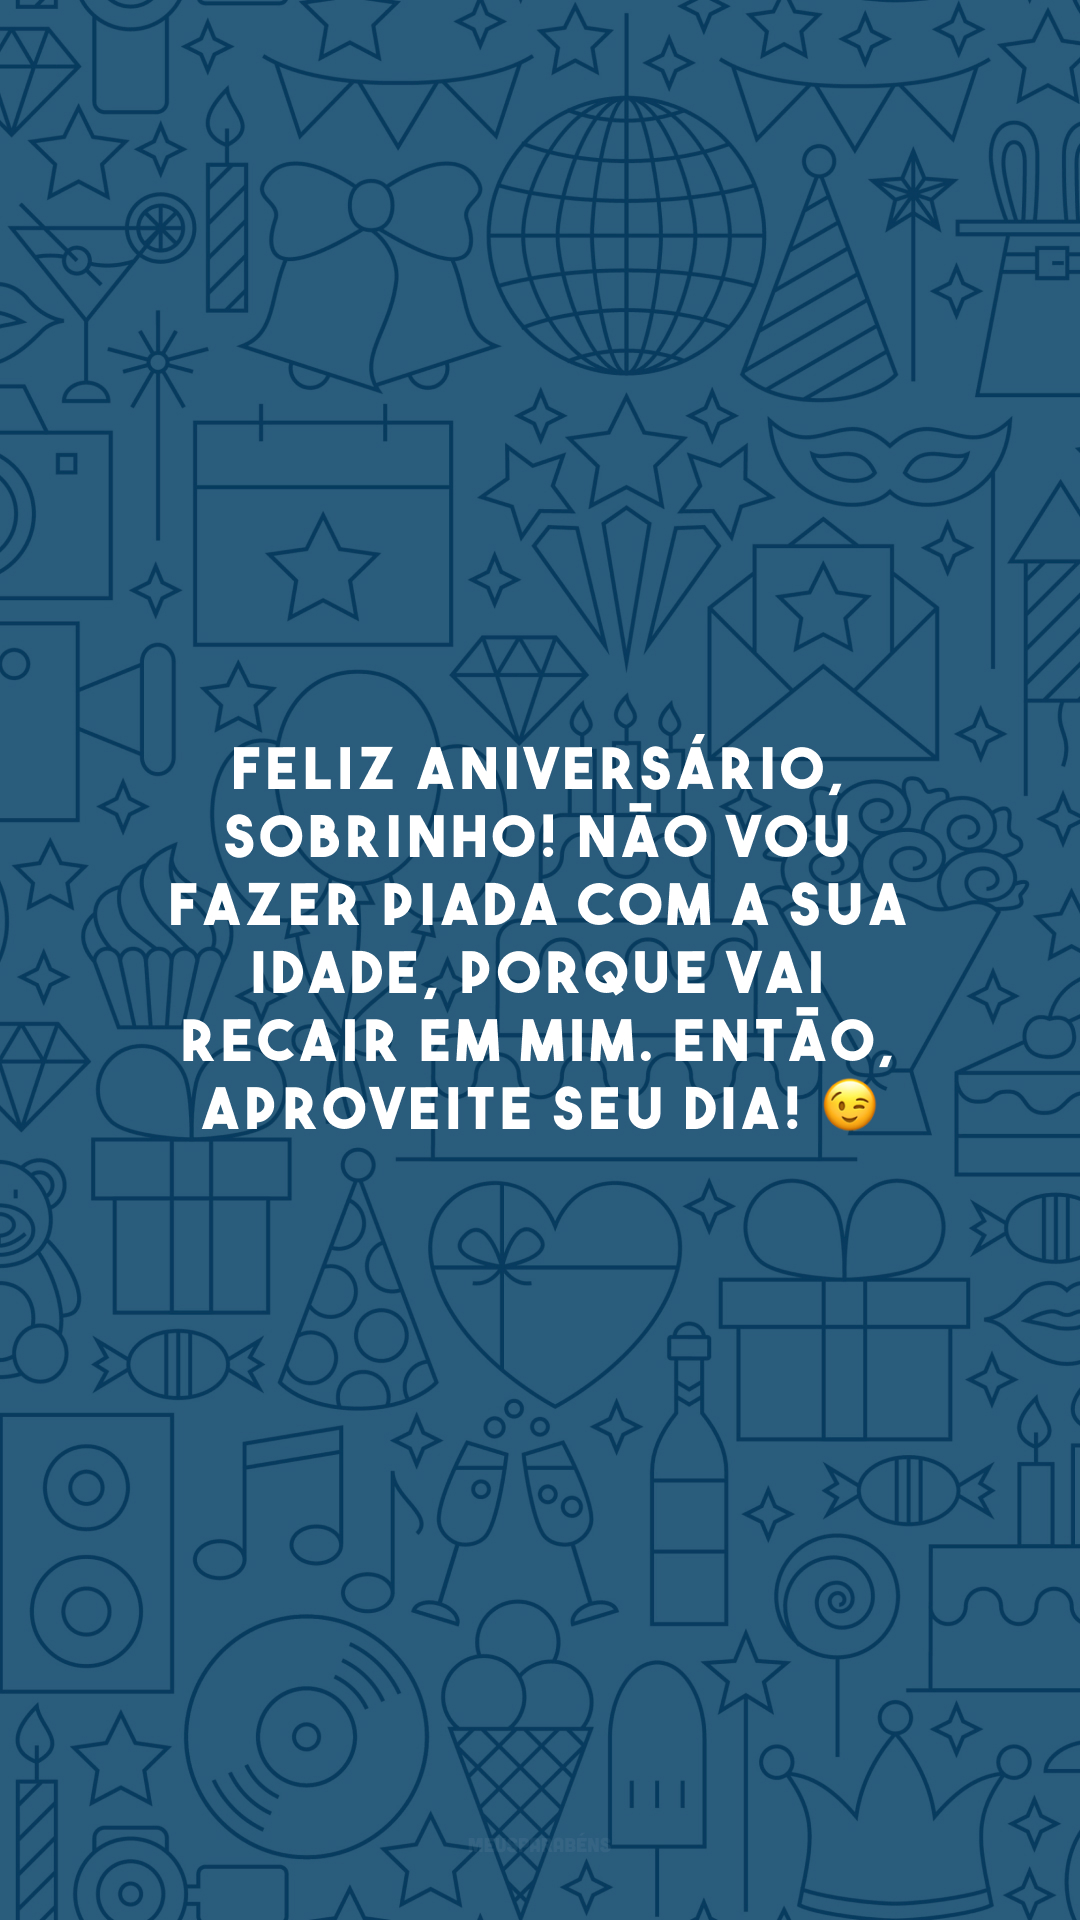 Feliz aniversário, sobrinho! Não vou fazer piada com a sua idade, porque vai recair em mim. Então, aproveite seu dia! 😉